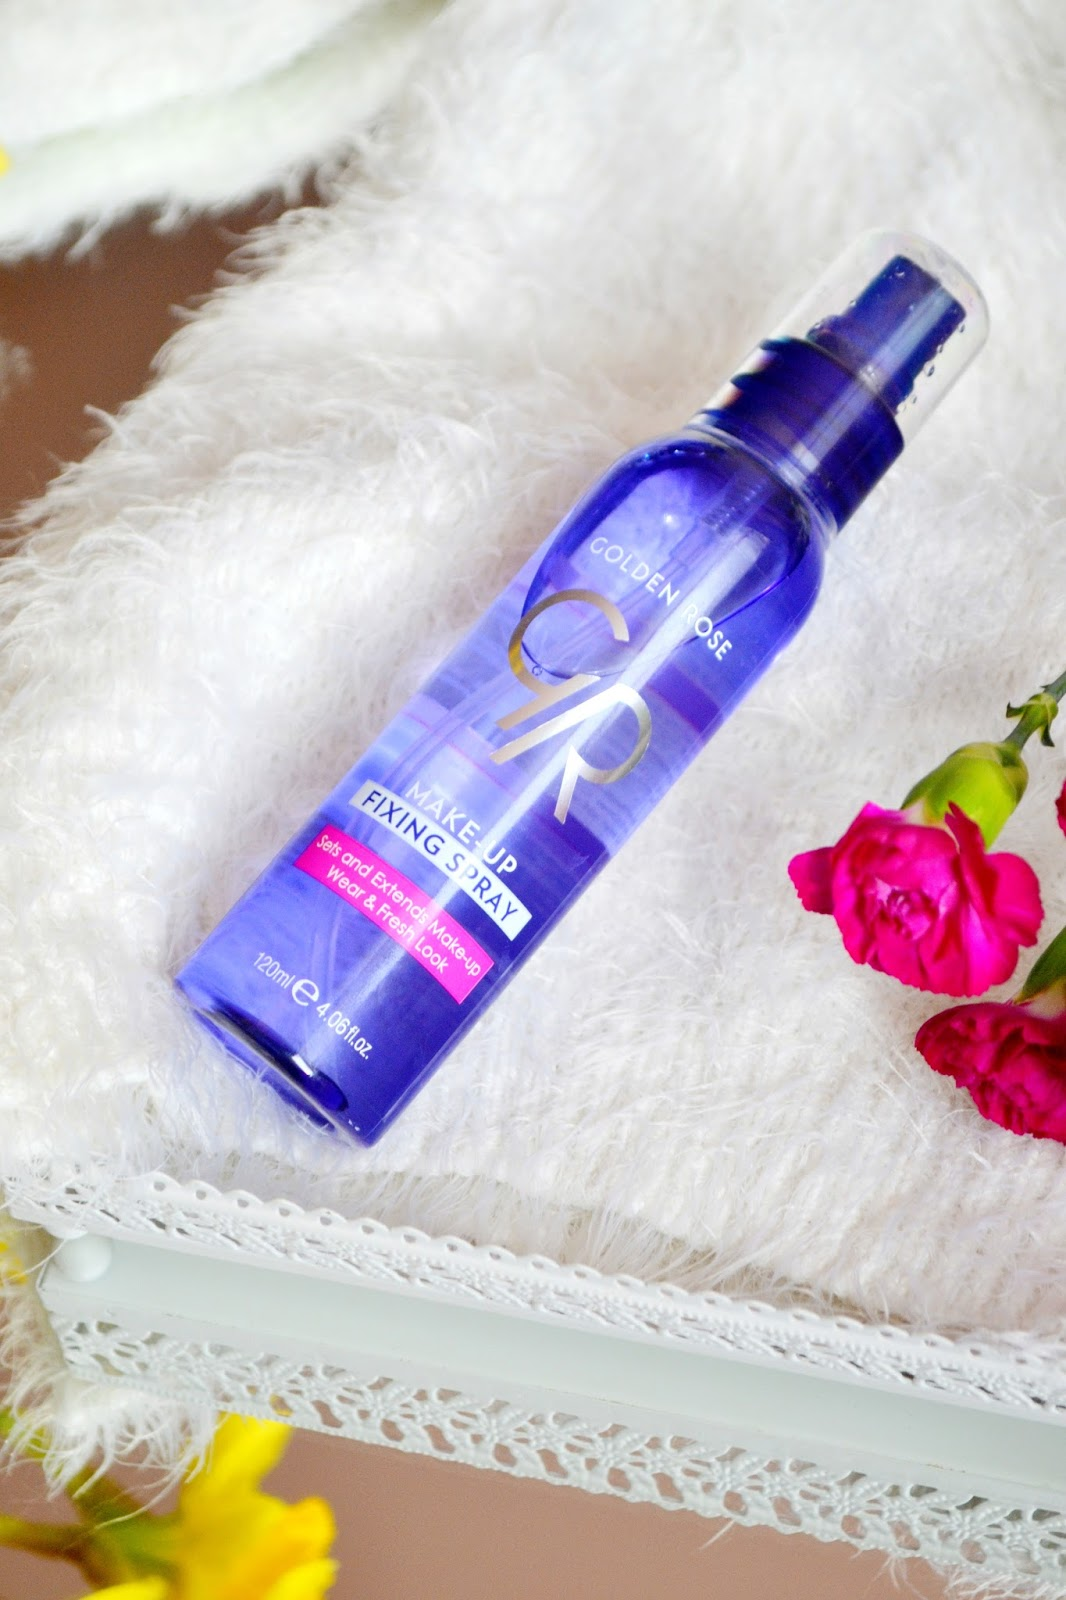 golden rose fixing spray utrwalający makijaż  recenzja